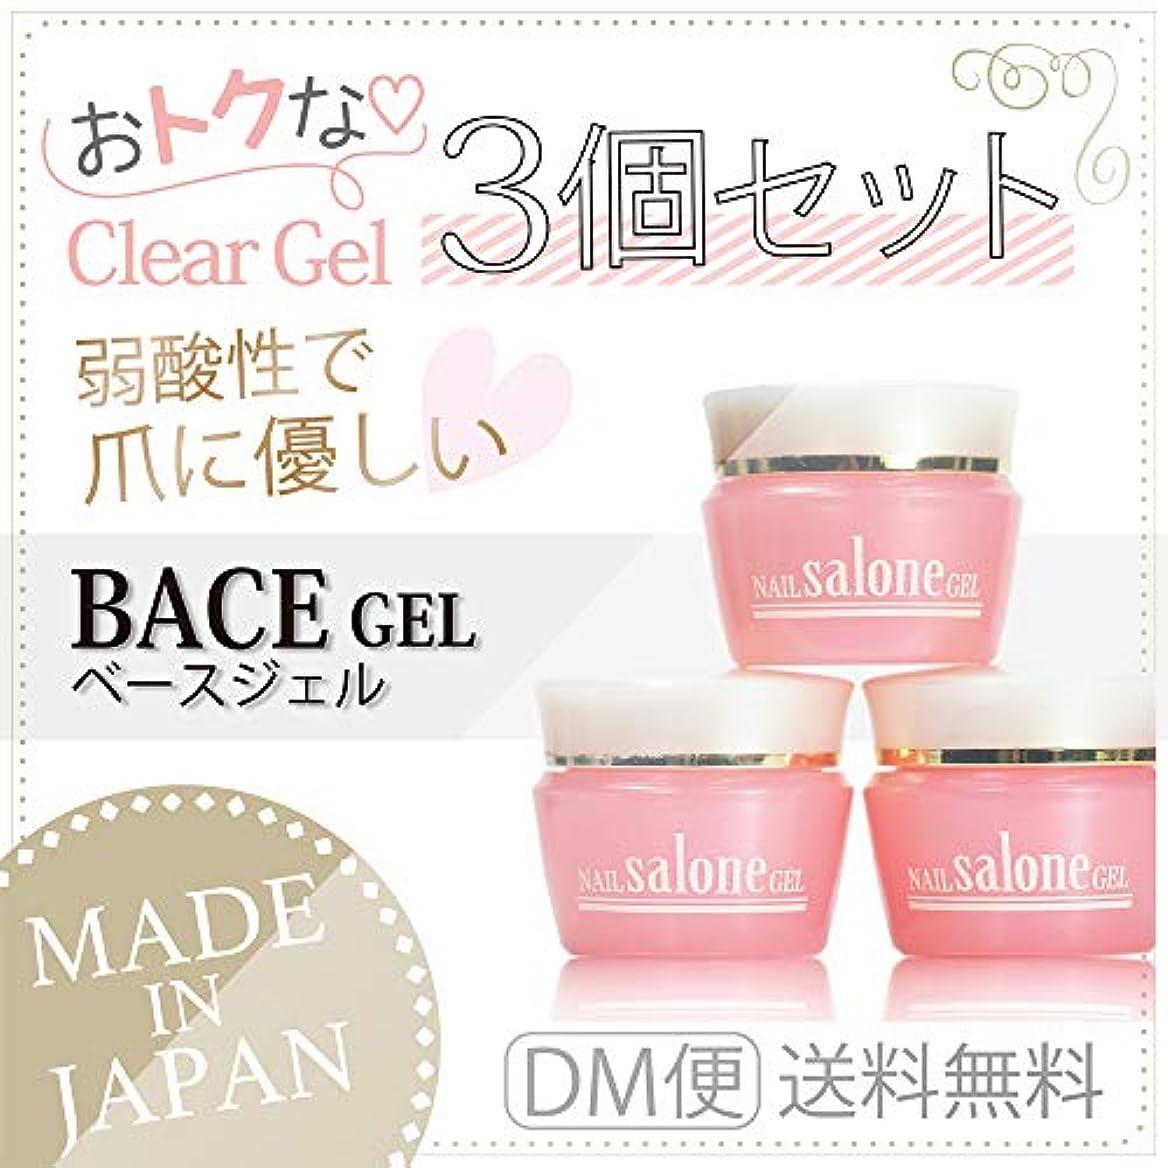 炭水化物支払いフォーマットSalone gel サローネ ベースジェル お得な3個セット 爪に優しい 日本製 驚きの密着力 リムーバーでオフも簡単3g